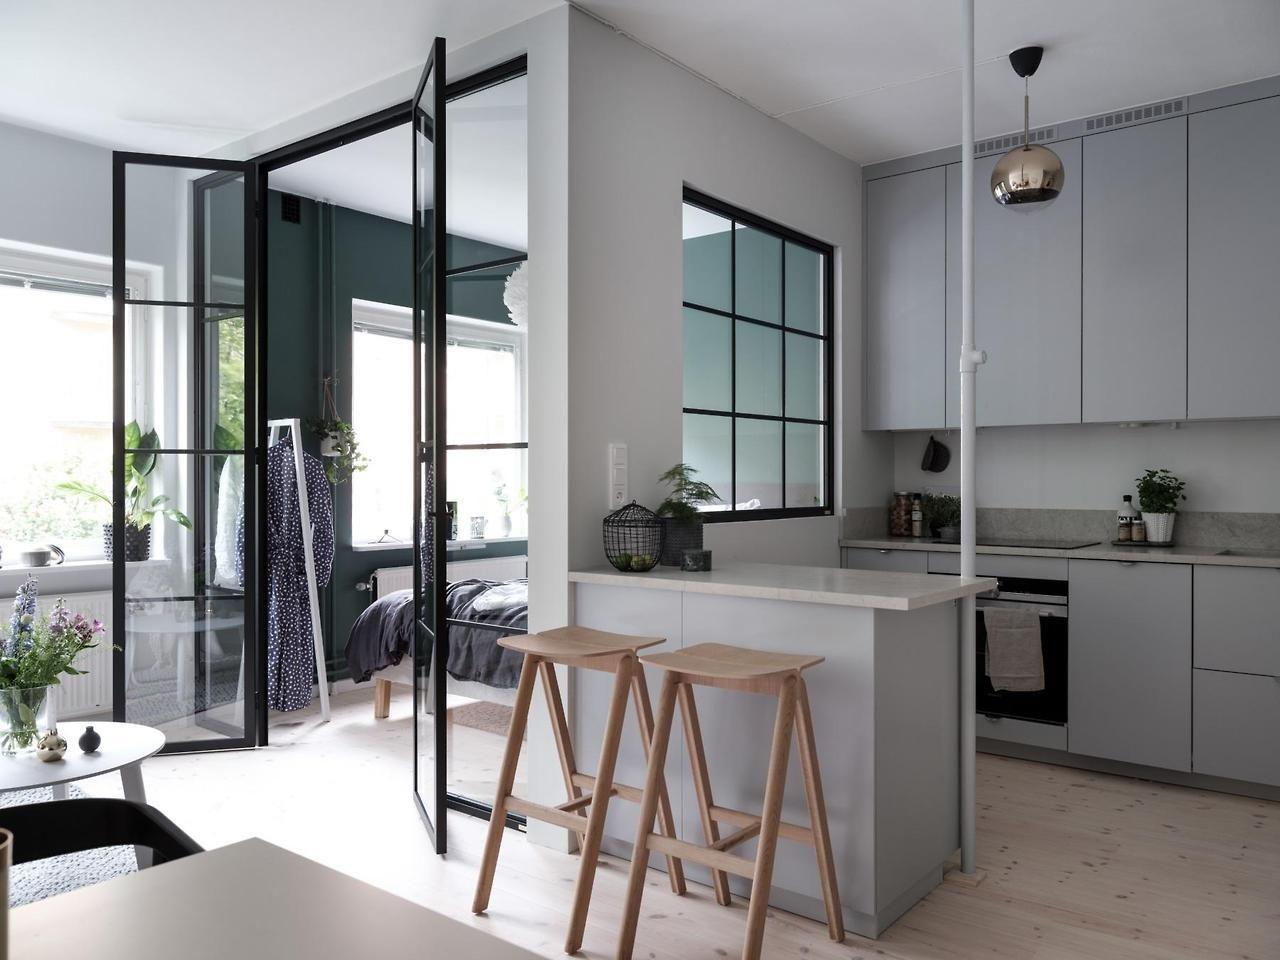 Arredamento Camera Da Letto Uomo : Grey kitchen verde camera da letto arredamento e